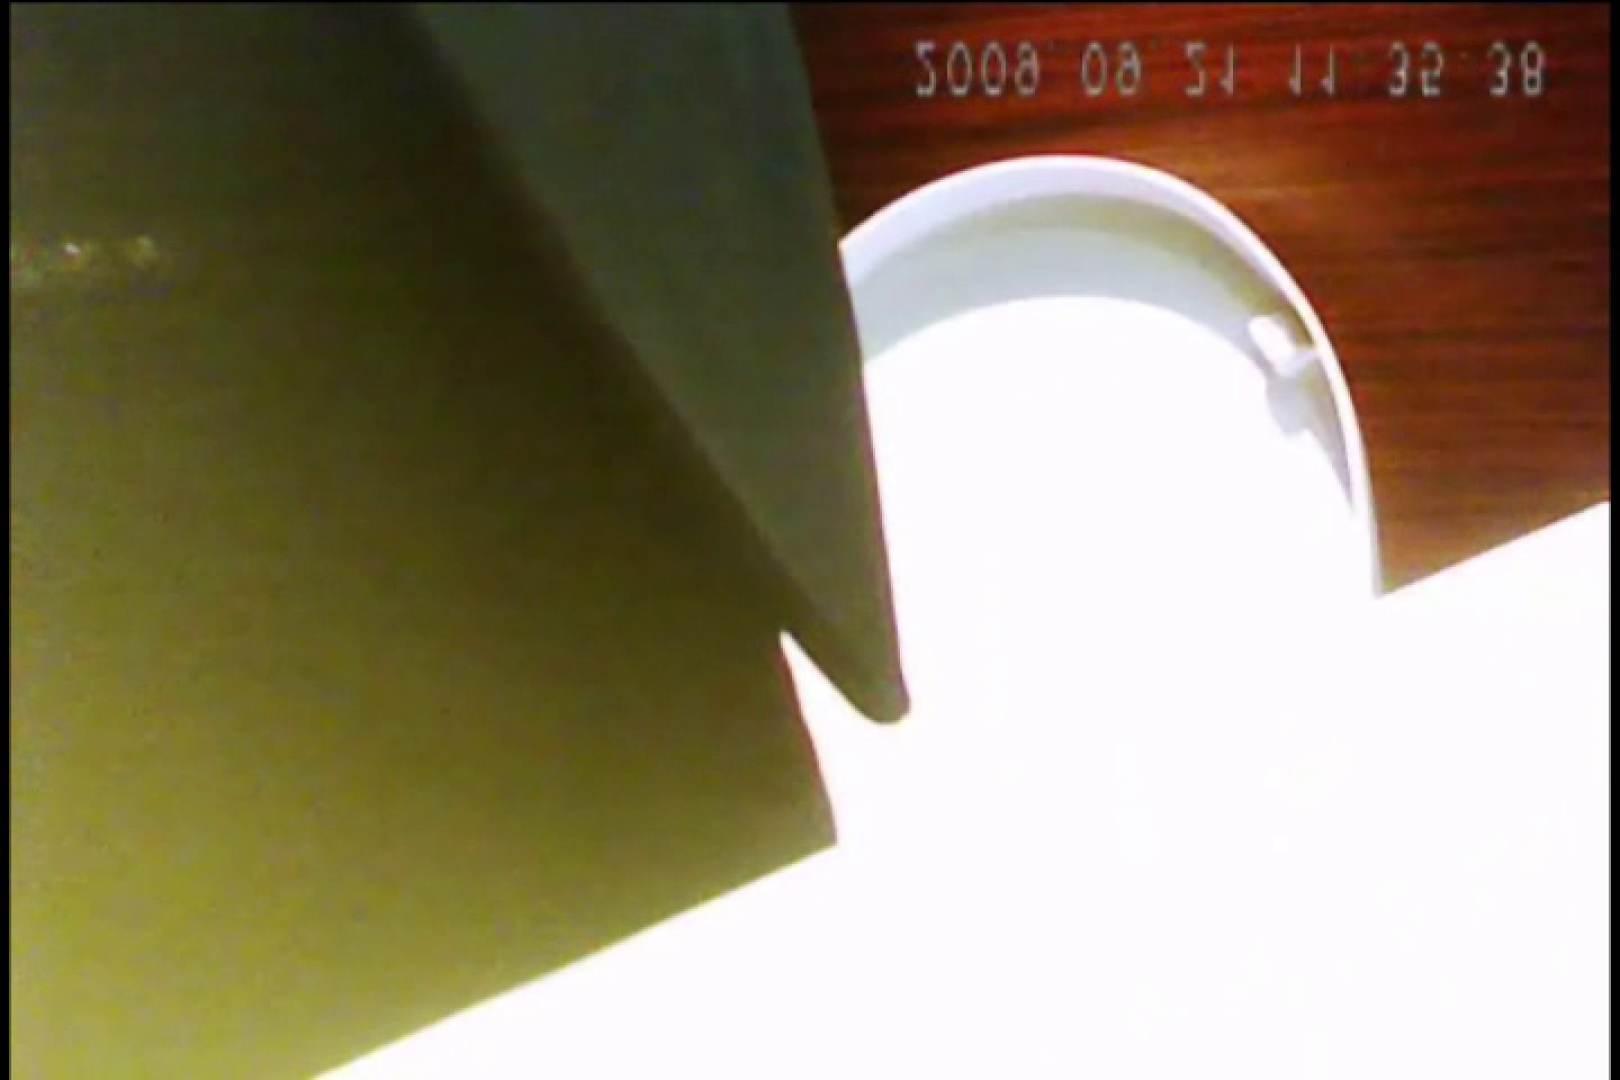 亀さんかわや VIPバージョン! vol.21 黄金水 AV動画キャプチャ 78PIX 39